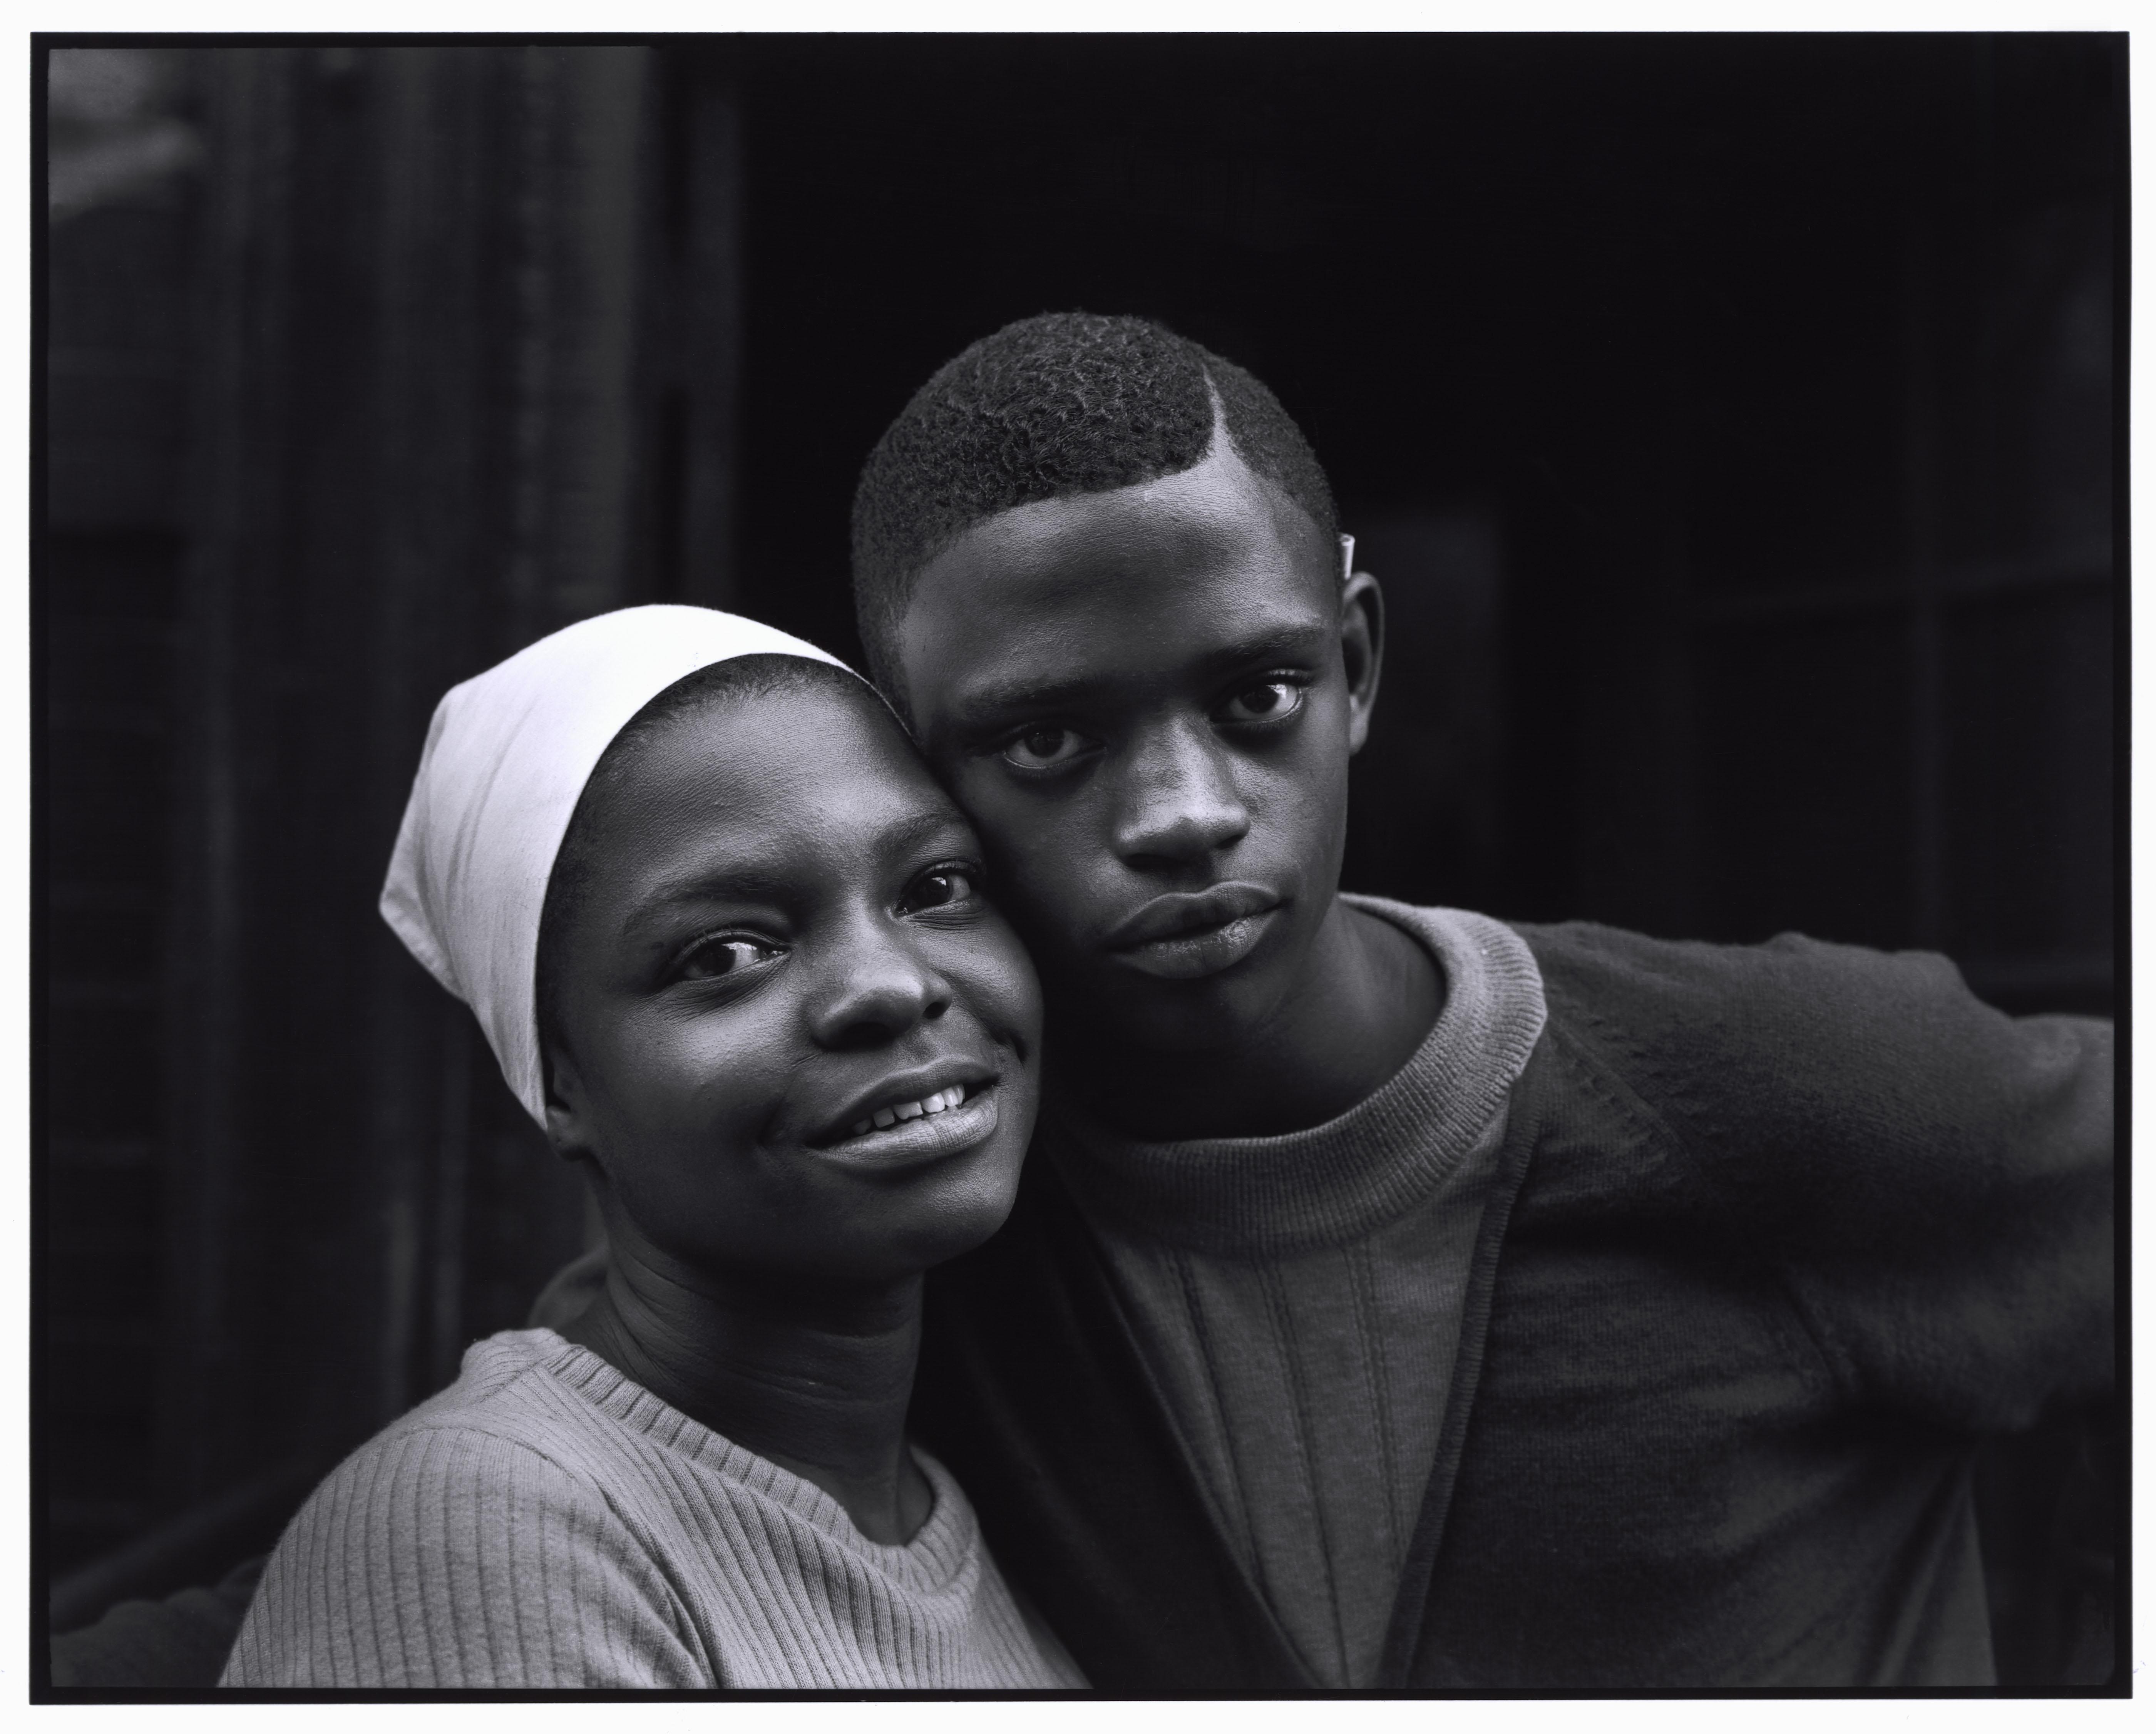 East 100th Street, Harlem, New York, 1966-1968